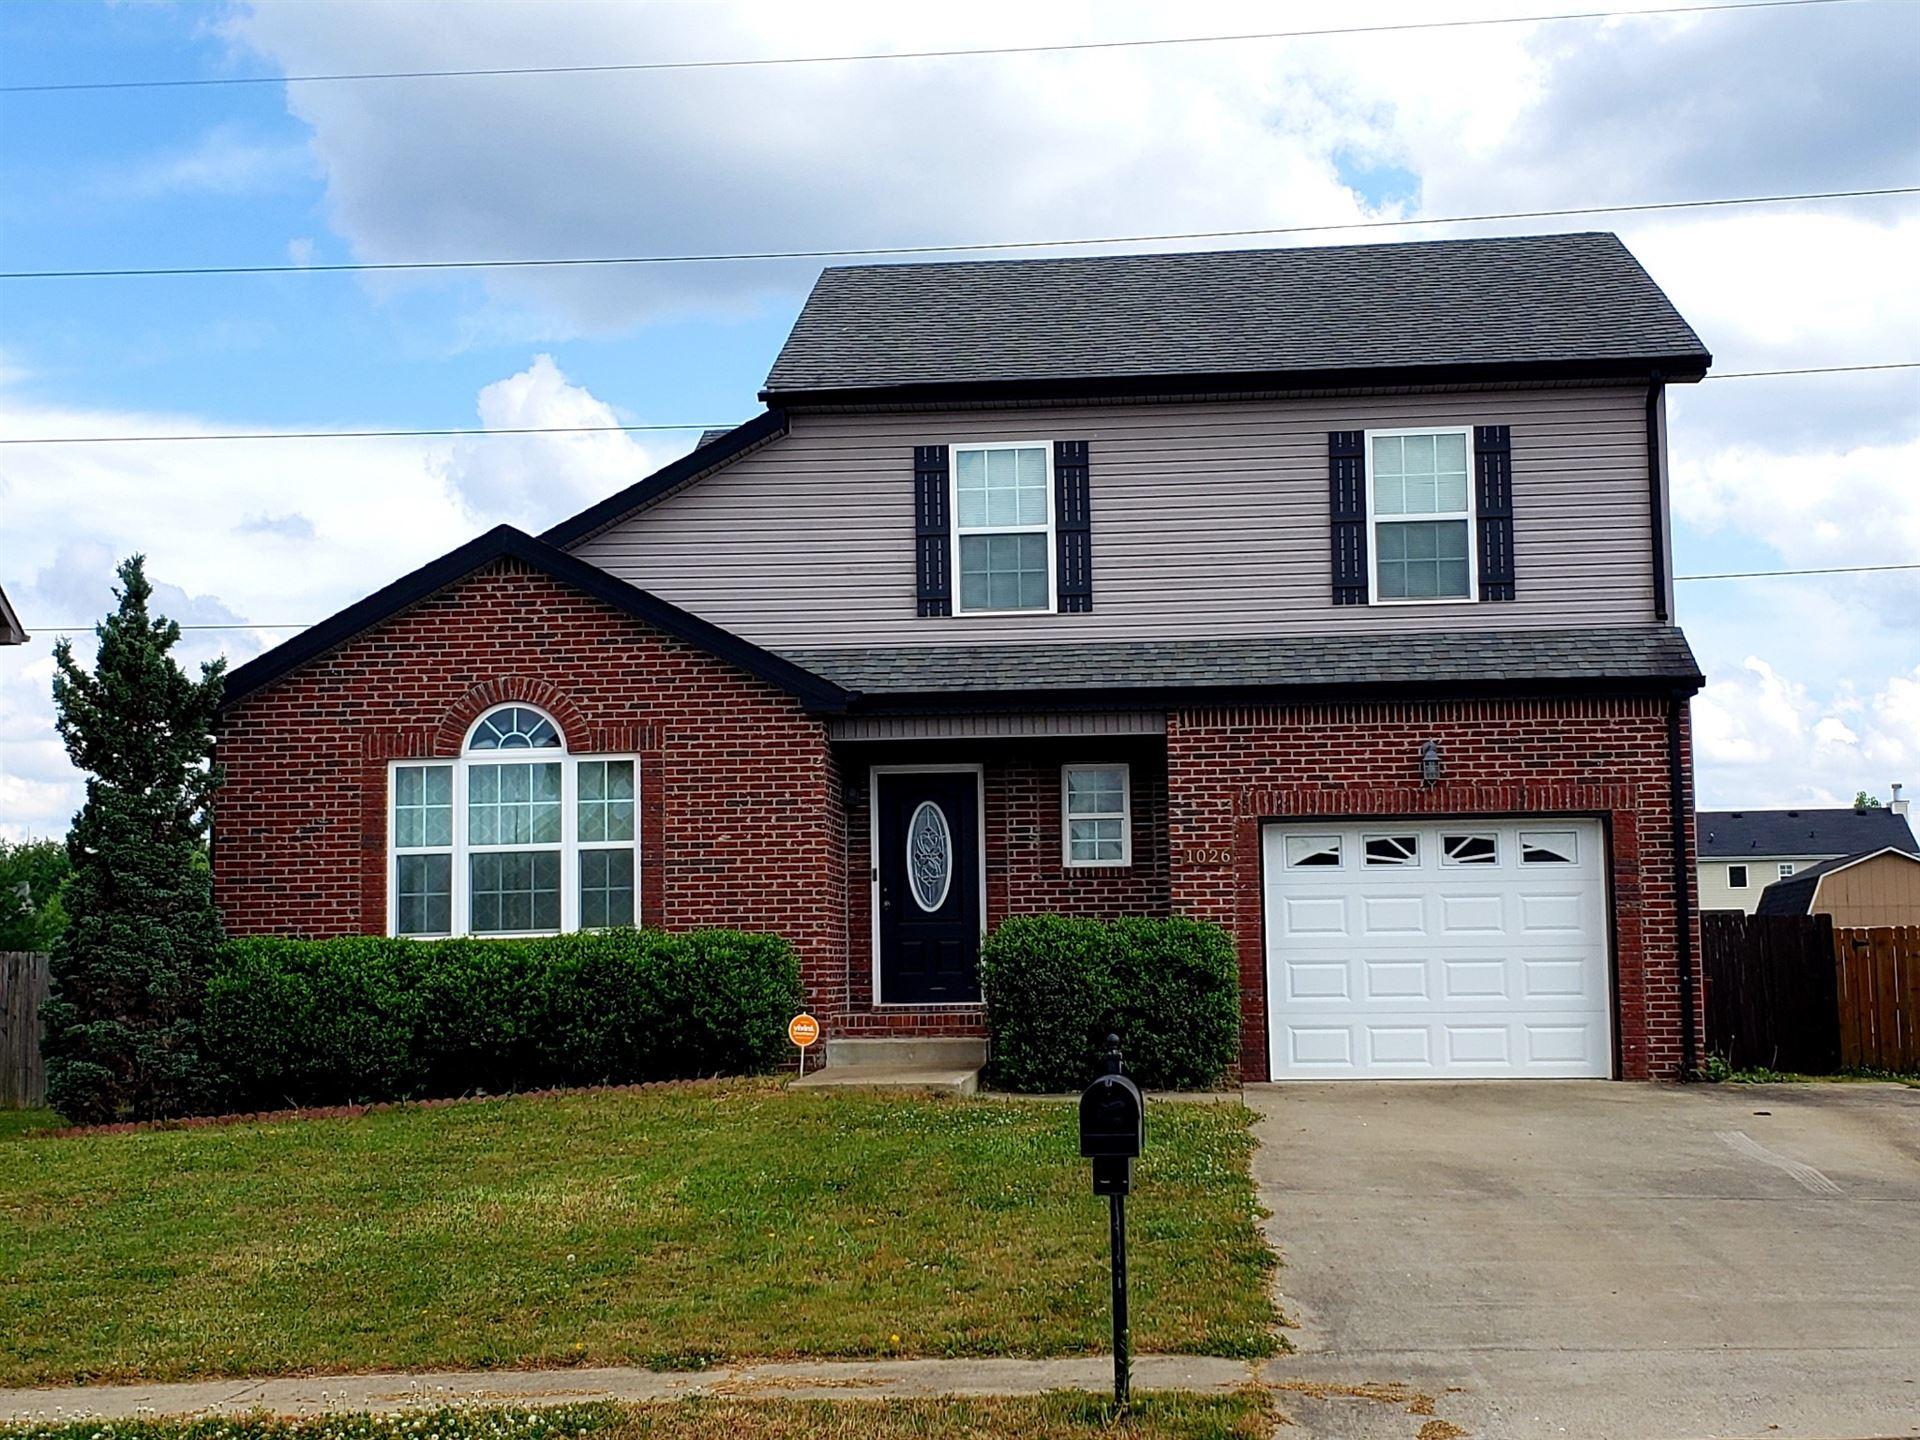 1026 Dwight Eisenhower Way, Clarksville, TN 37042 - MLS#: 2259645